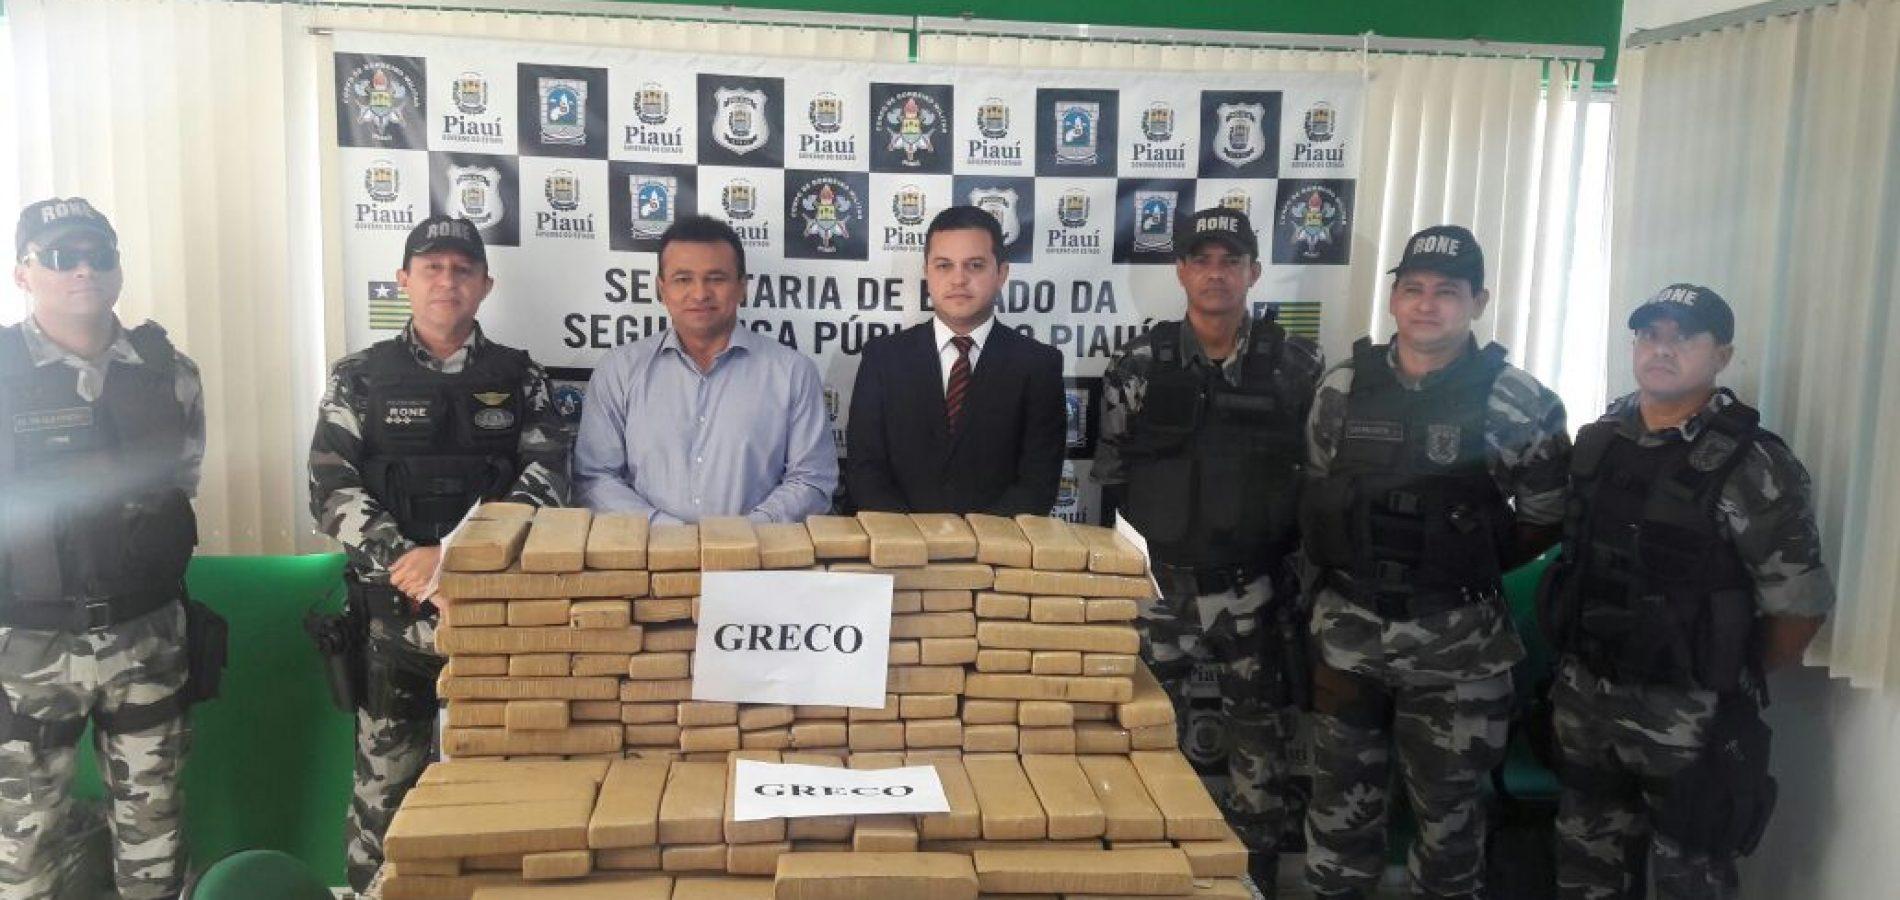 Durante o final de semana foram apreendidos 191kg de maconha no Piauí